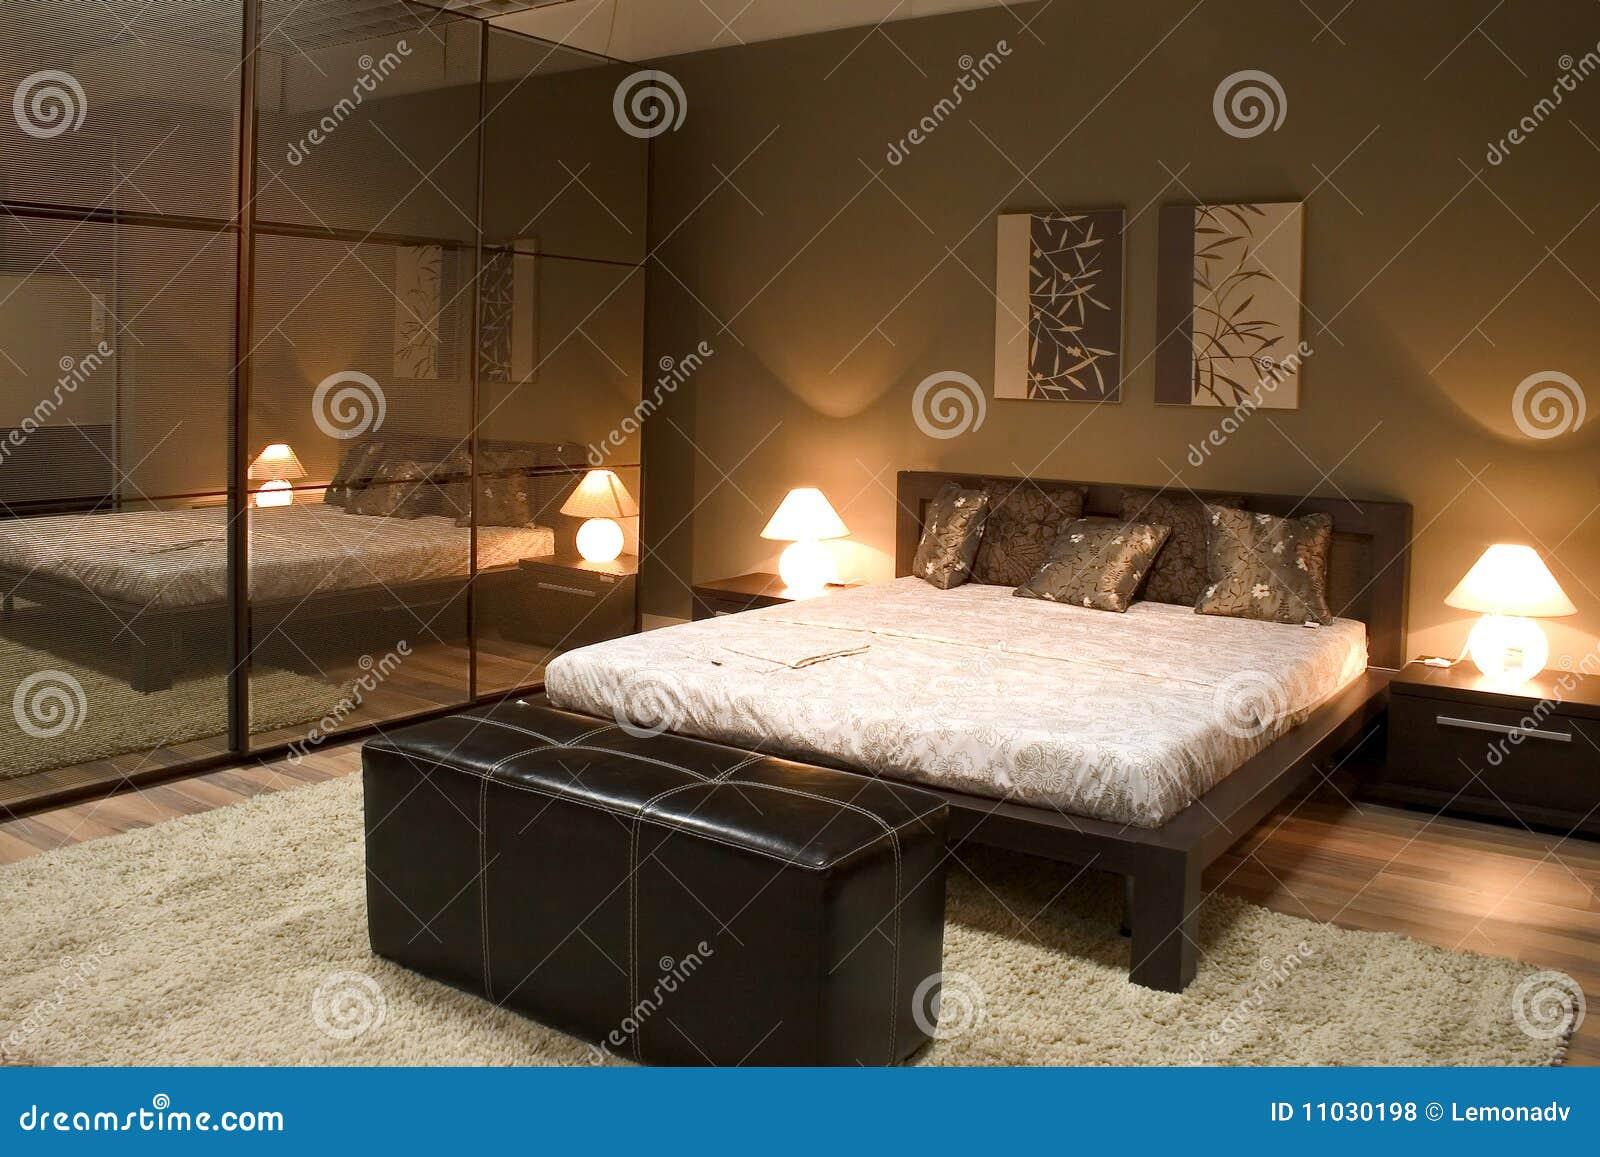 Warme kleuren slaapkamer ~ [spscents.com]